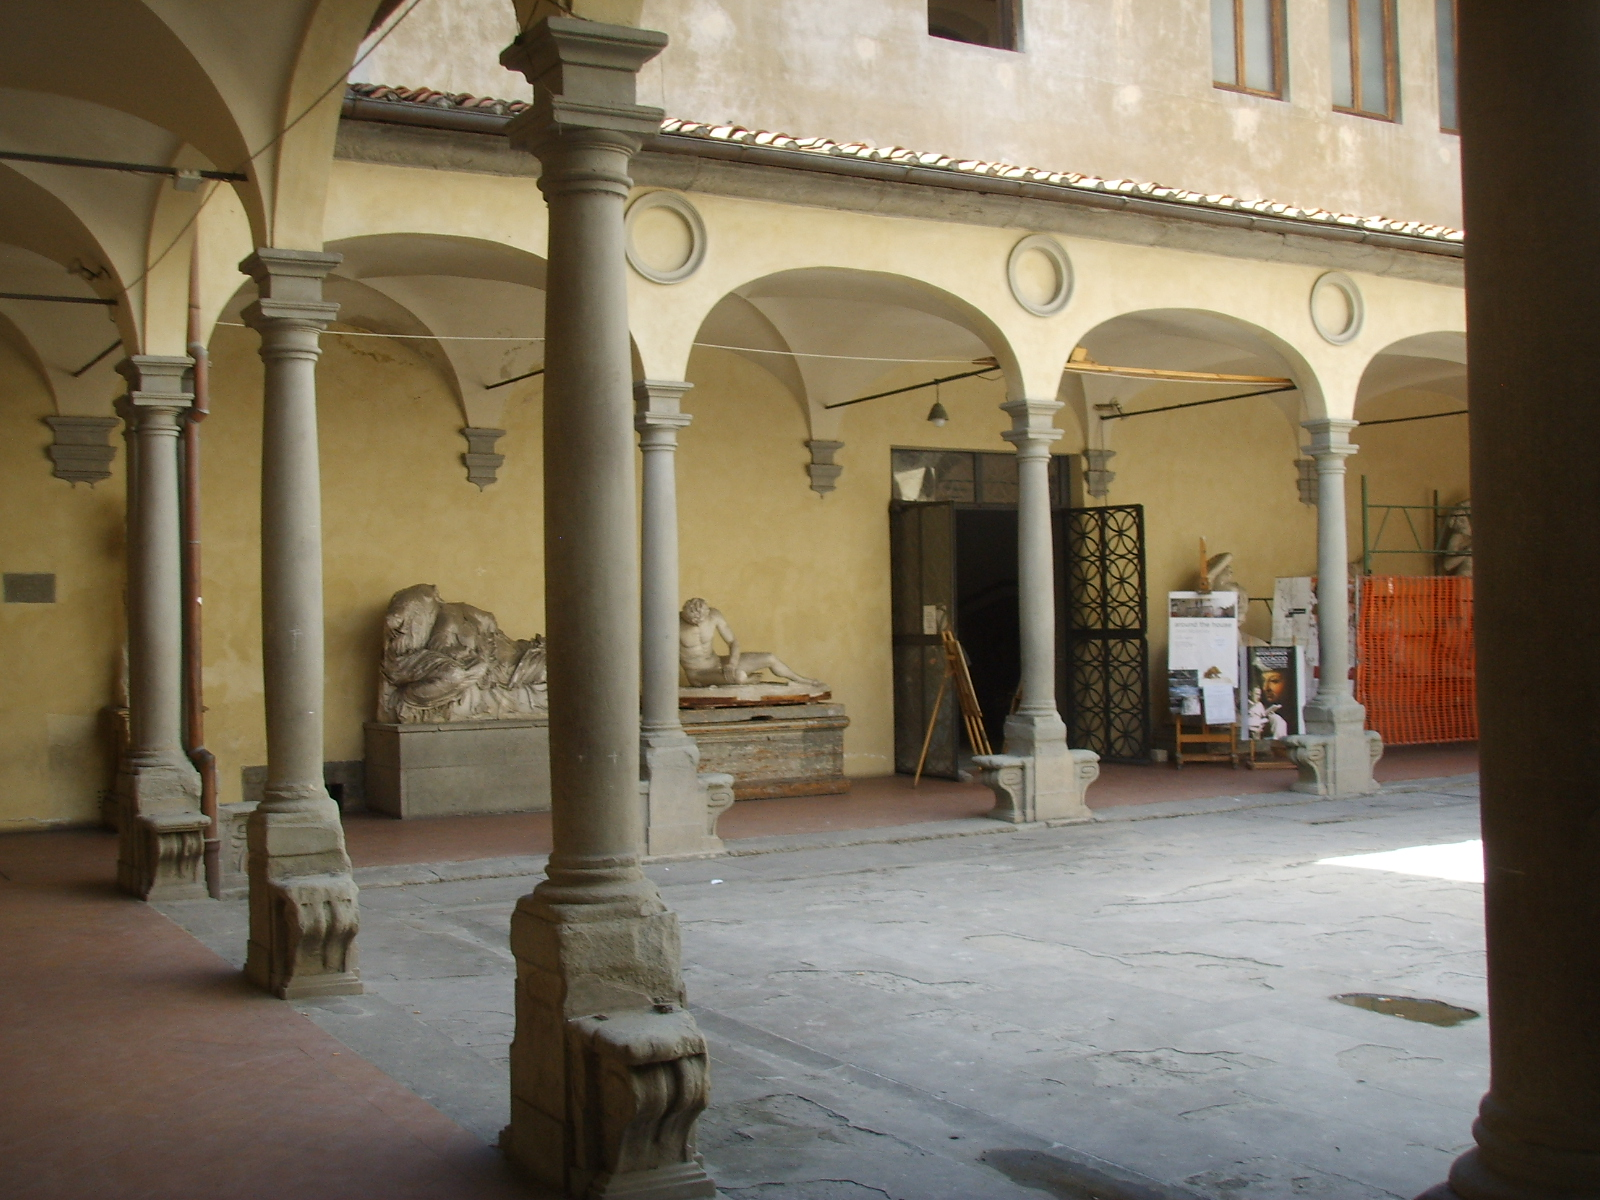 La Conferenza dei Direttori elegge i nuovi vertici delle Accademie di Belle Arti